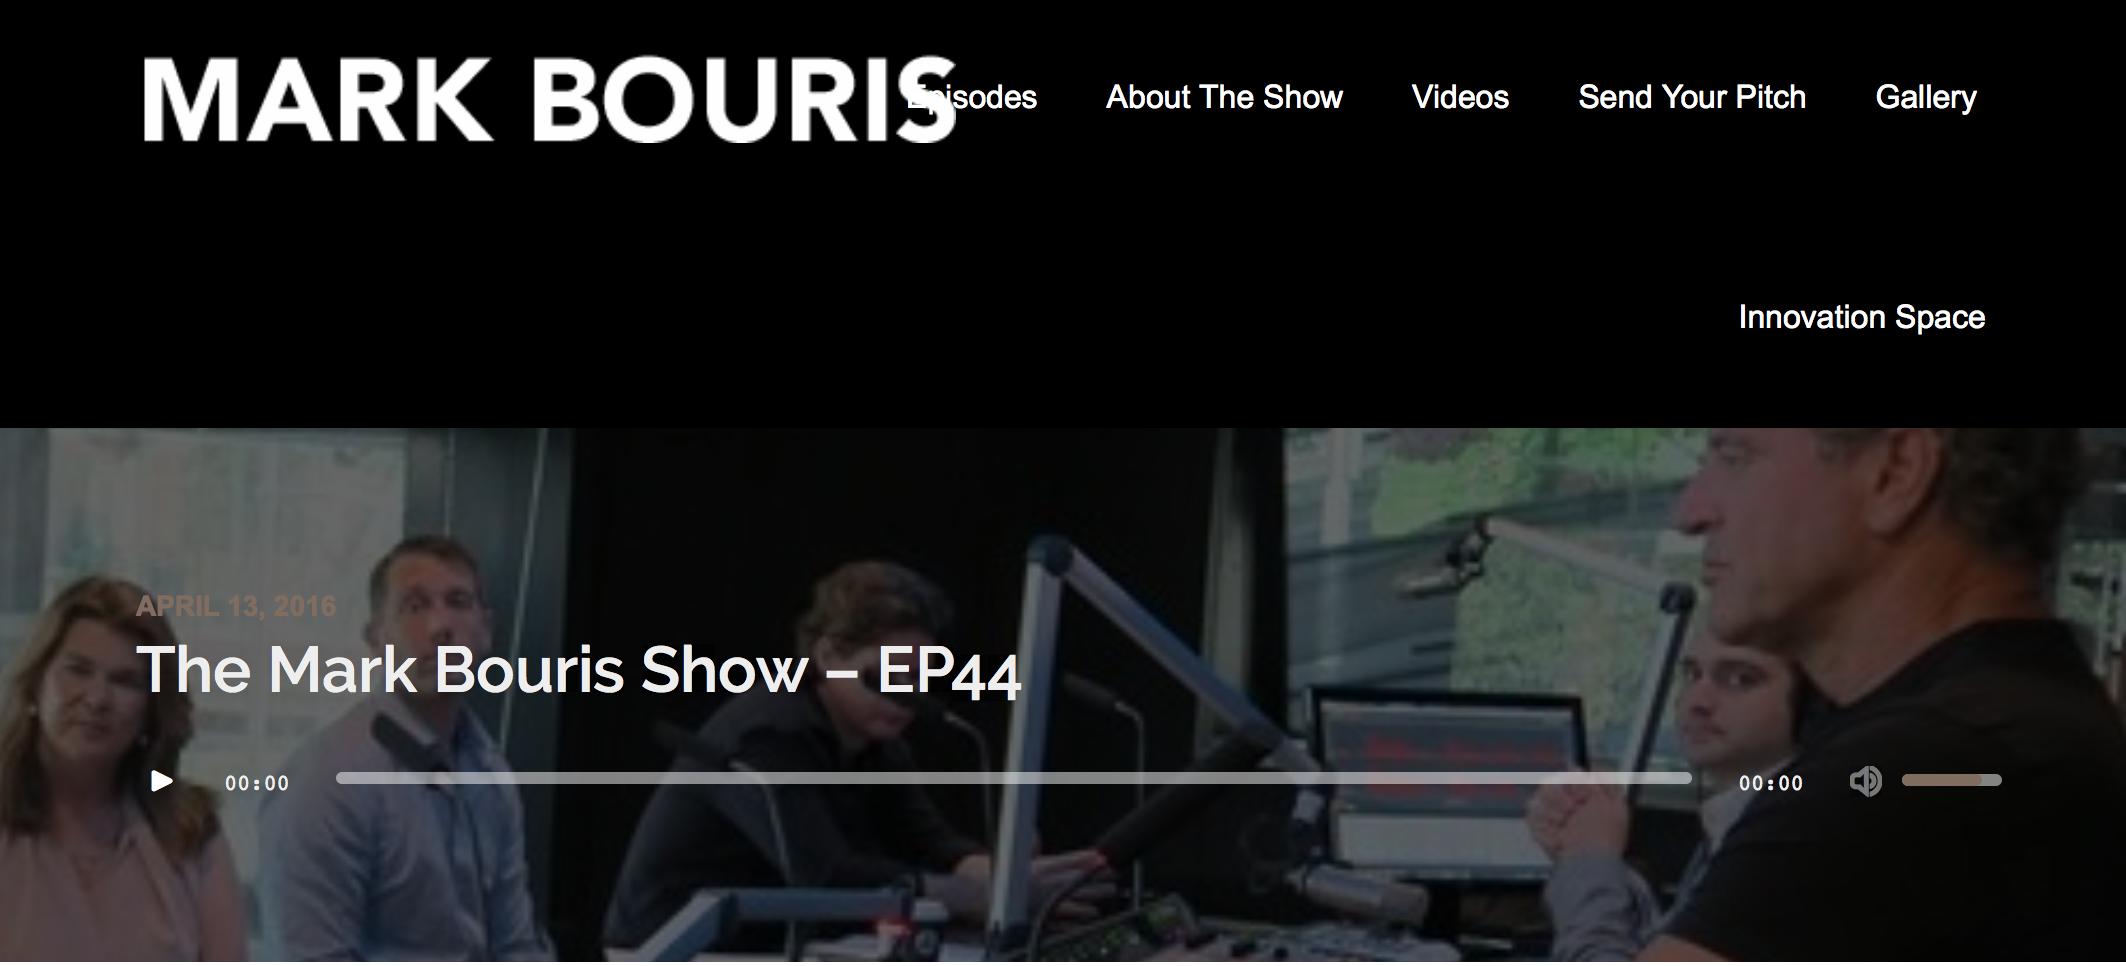 http://markbouris.com.au/the-mark-bouris-show-ep44/